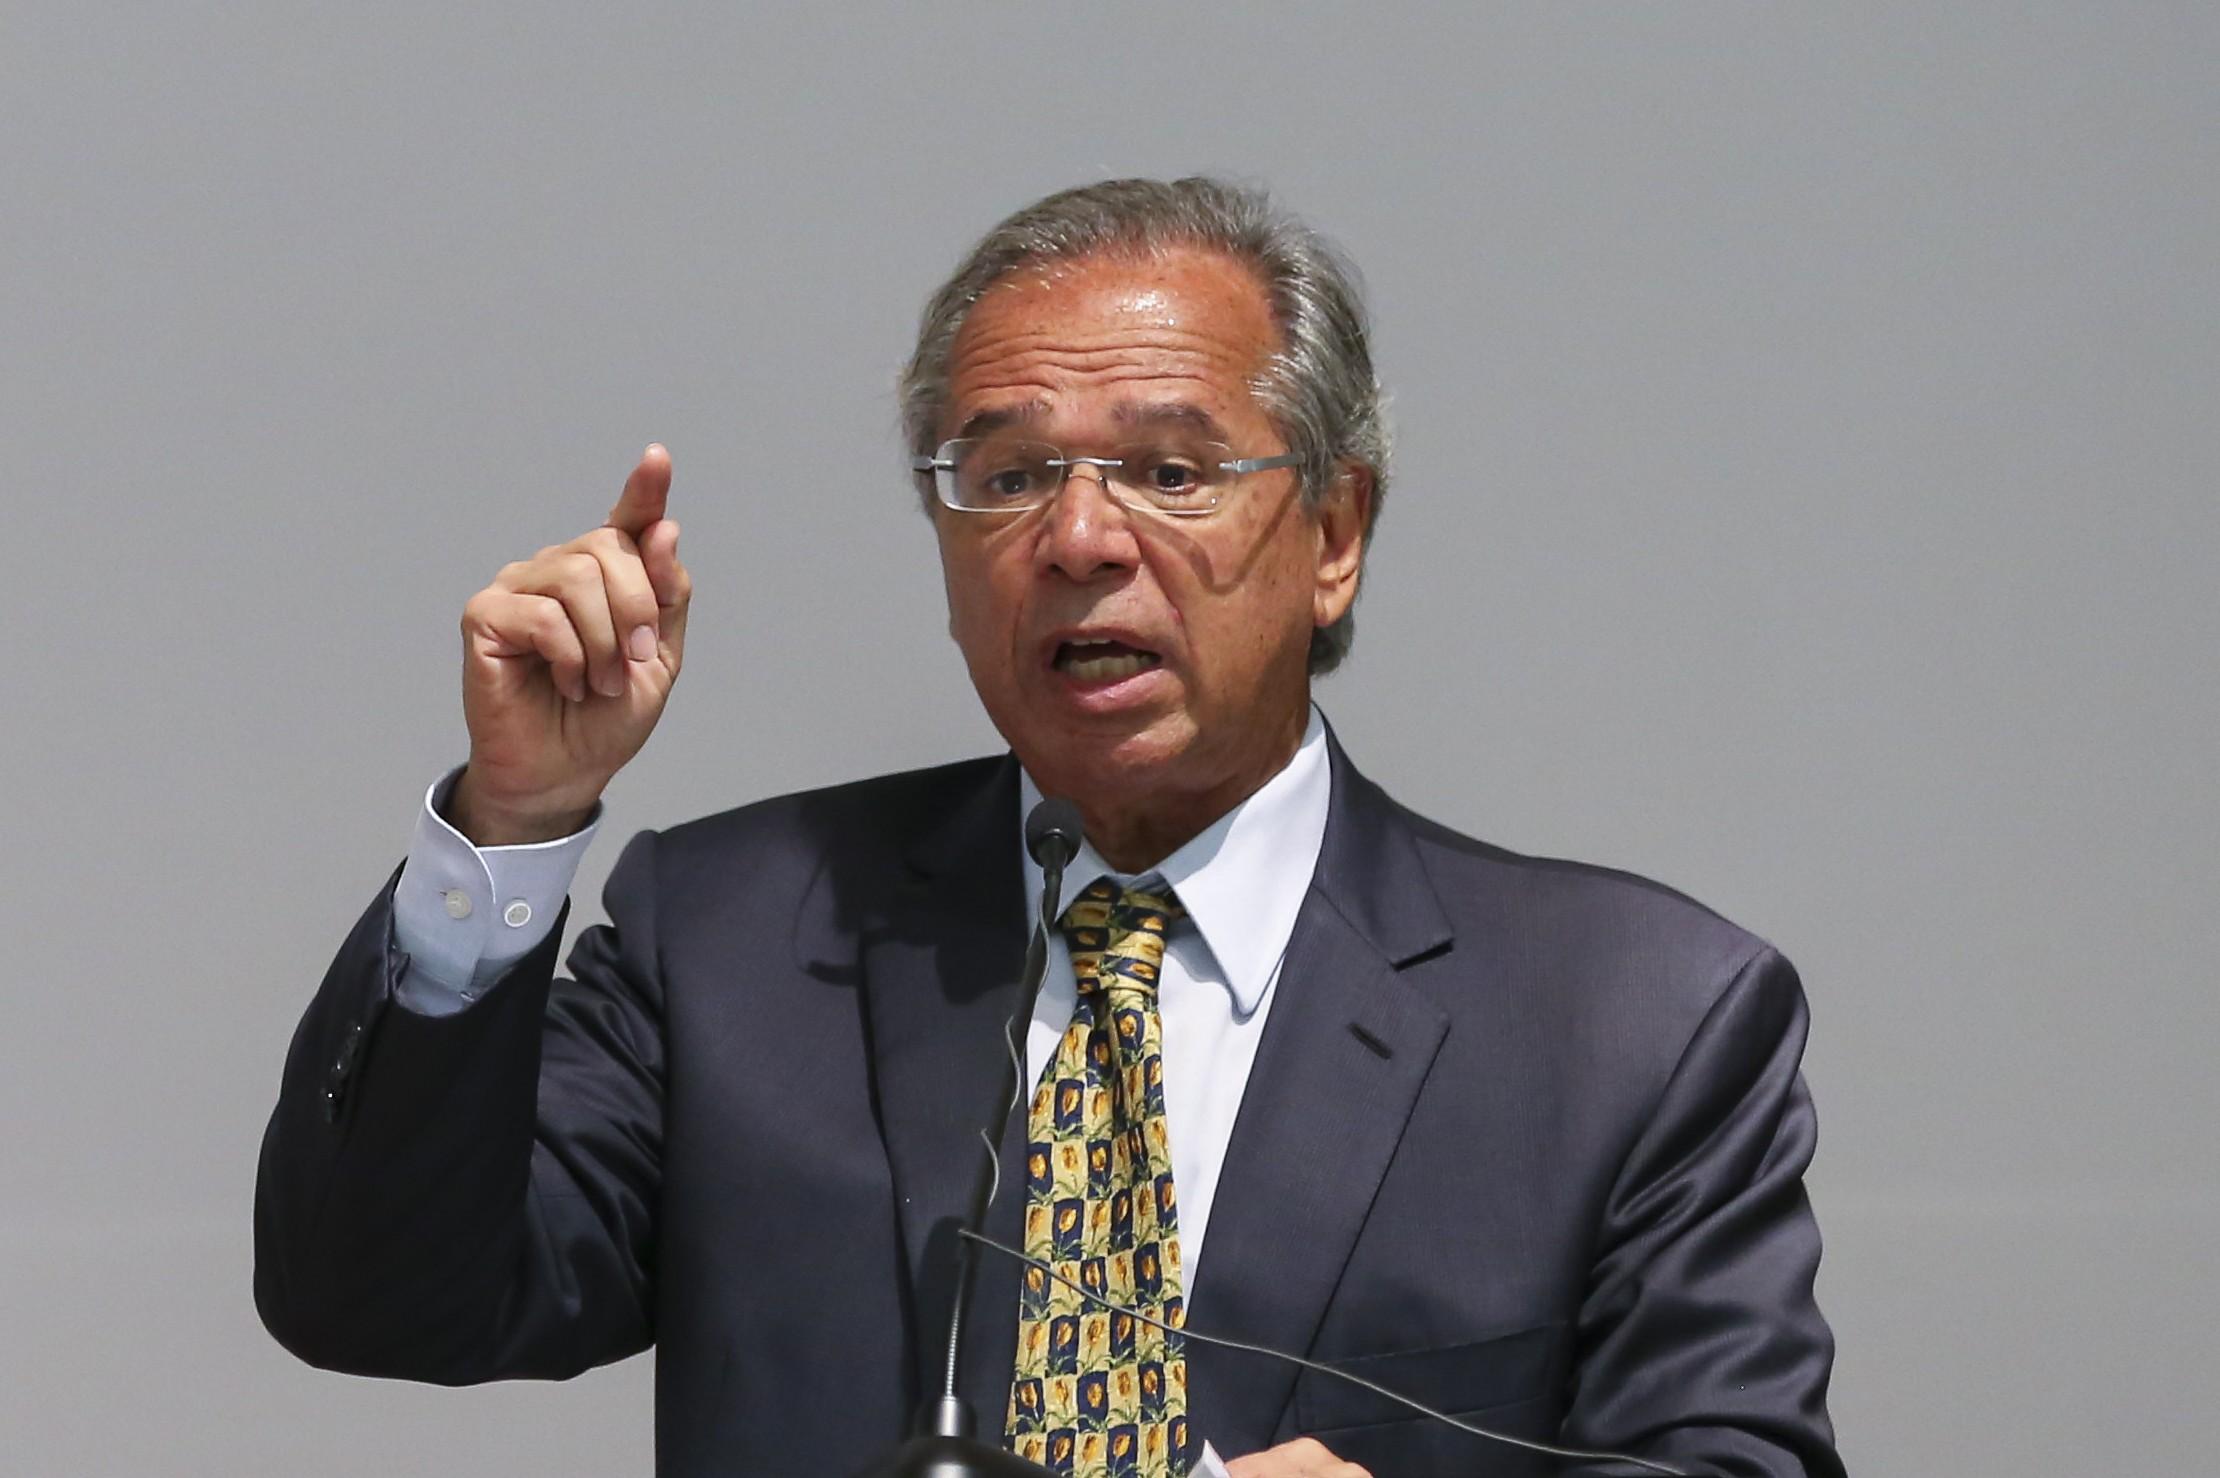 ministro_paulo_guedes (Foto: Ministério da Indústria, Comércio Exterior e Serviços/Wikimedia Commons)